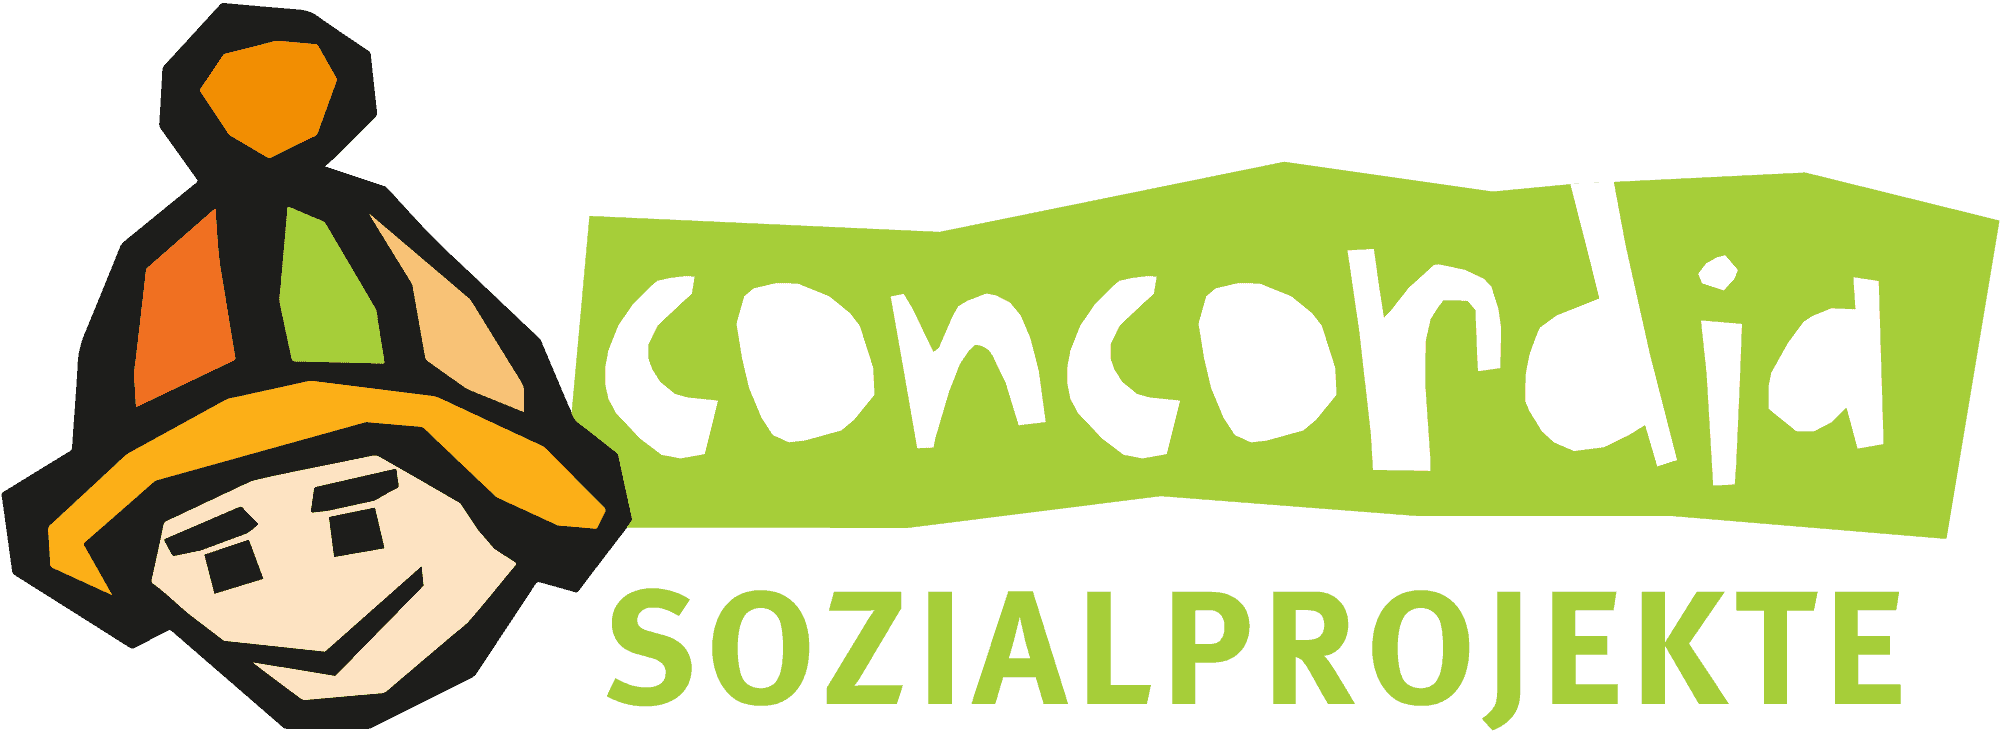 CONCORDIA Sozialprojekte Stiftung Deutschland